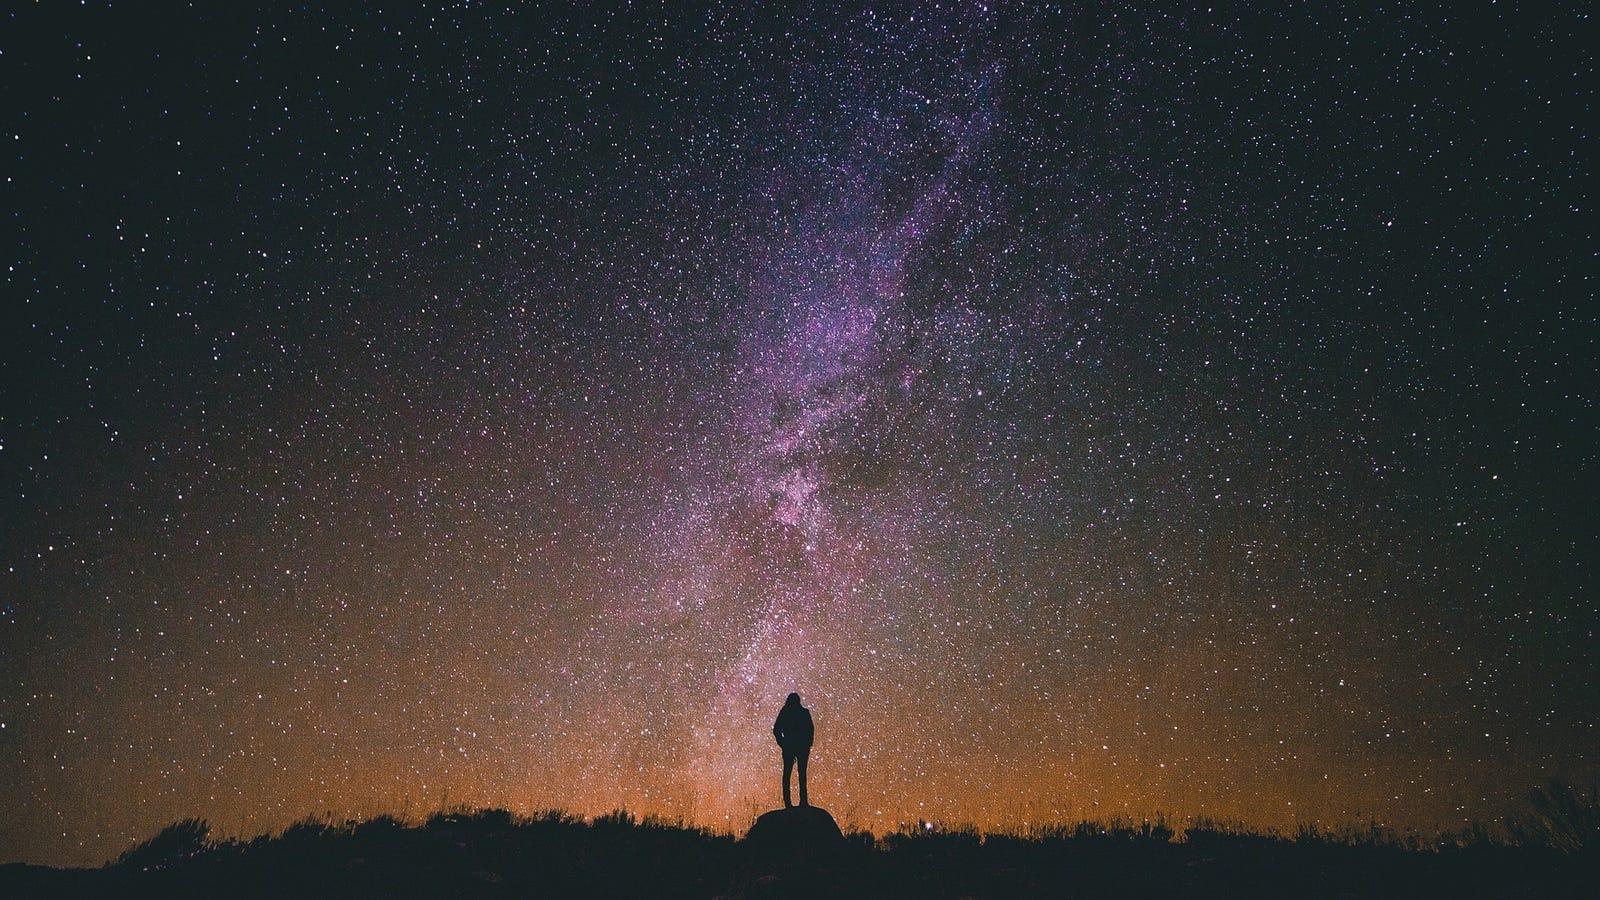 Mirando el cielo looking at the sky - 1 part 3